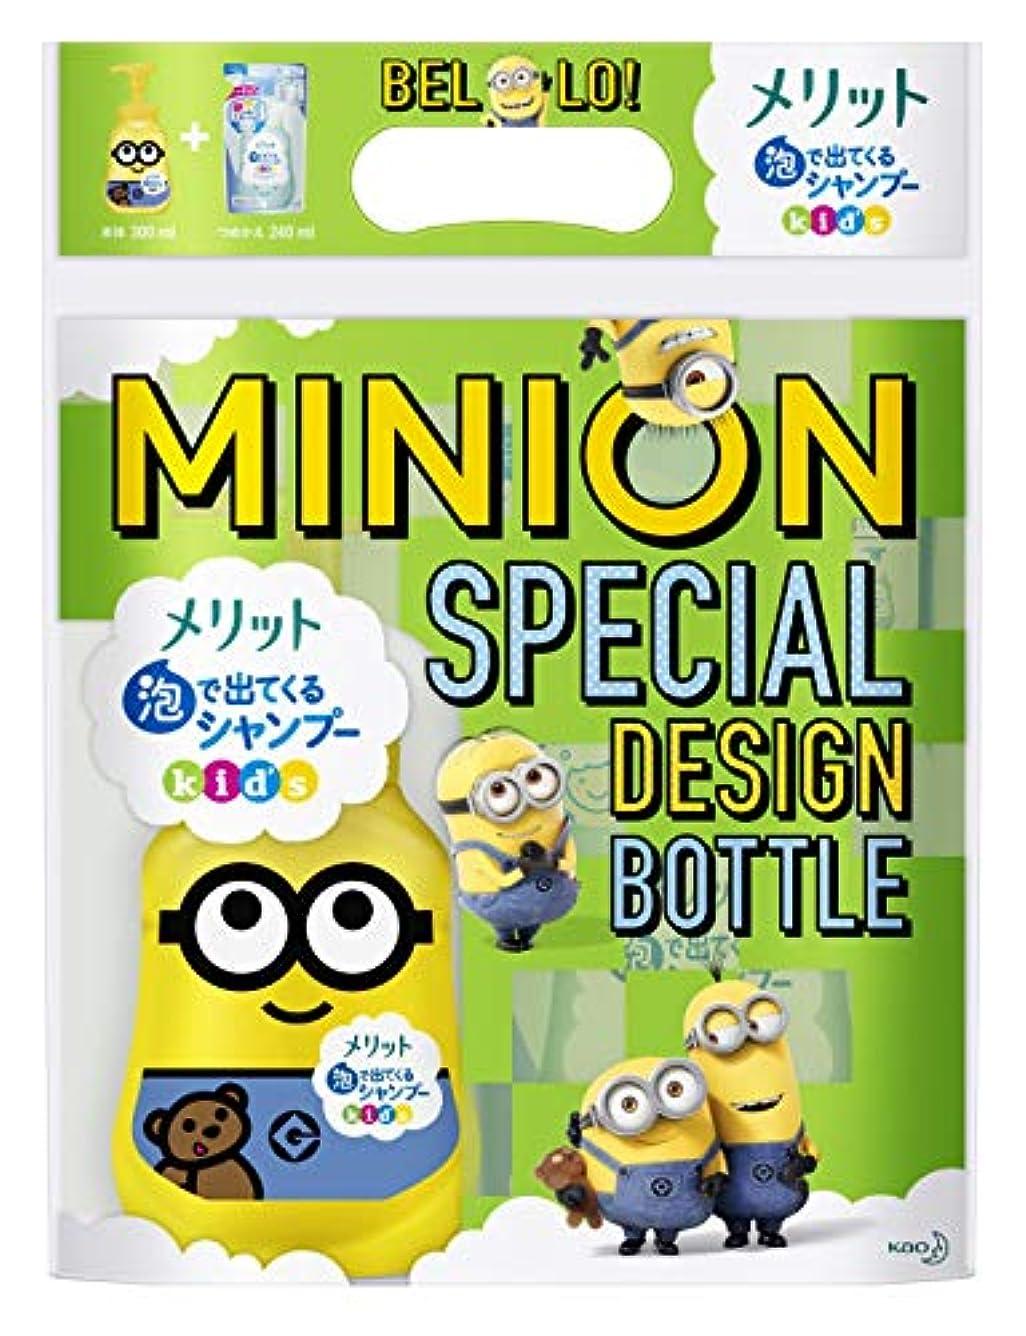 戻るヘビーデマンドメリット 泡で出てくるシャンプー キッズ ミニオン スペシャルデザインボトル [ Minion Special Design Bottle ] + つめかえ用セット (デザインボトル300ml+つめかえ用240ml)